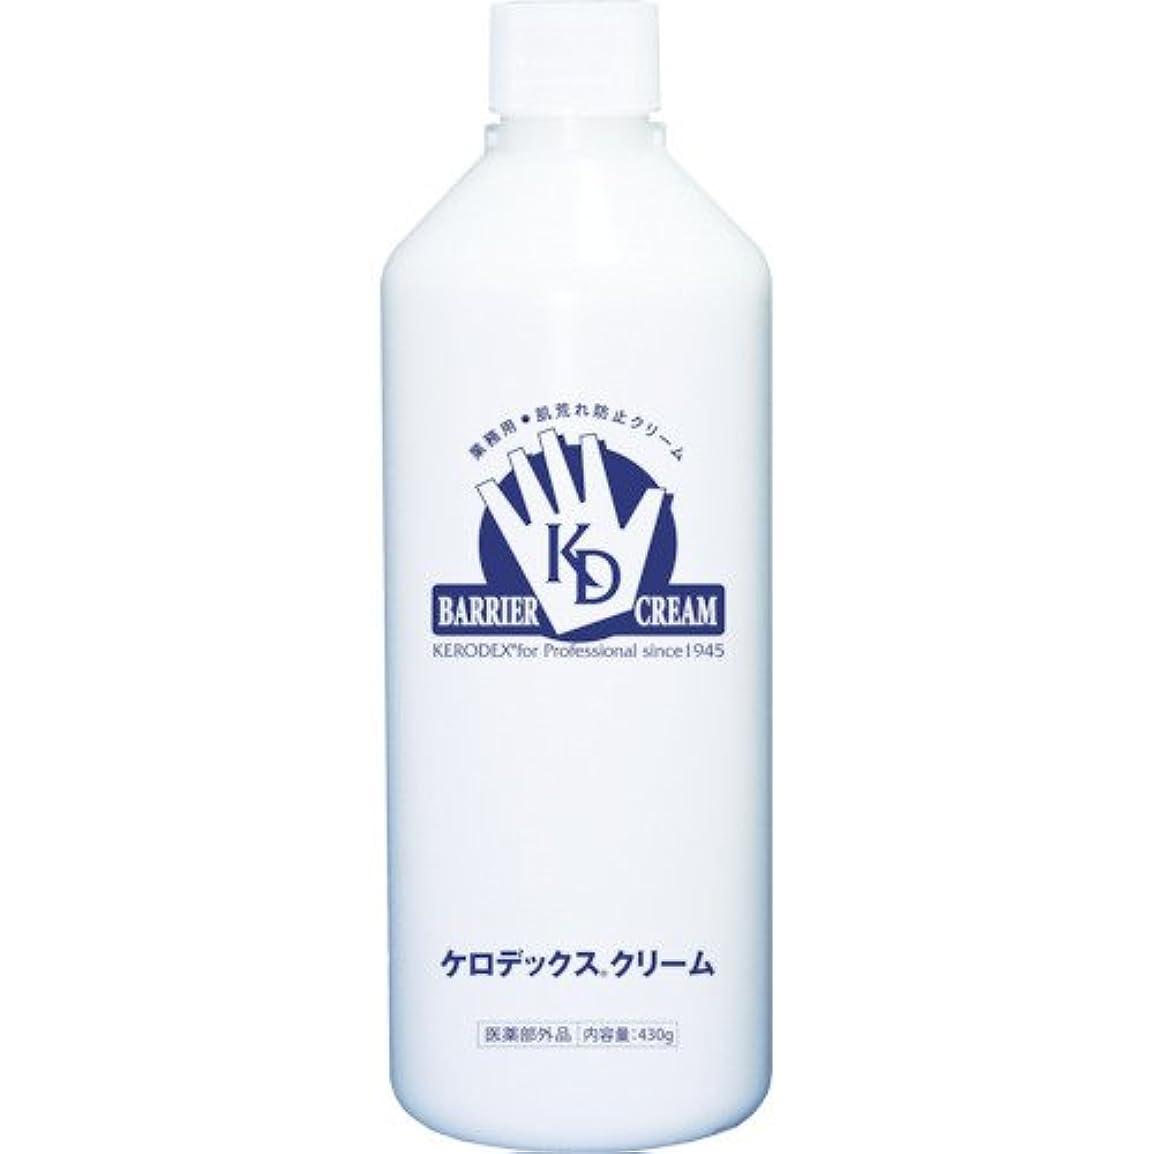 蜜食堂にじみ出るケロデックスクリーム ボトルタイプ 詰替用 430g